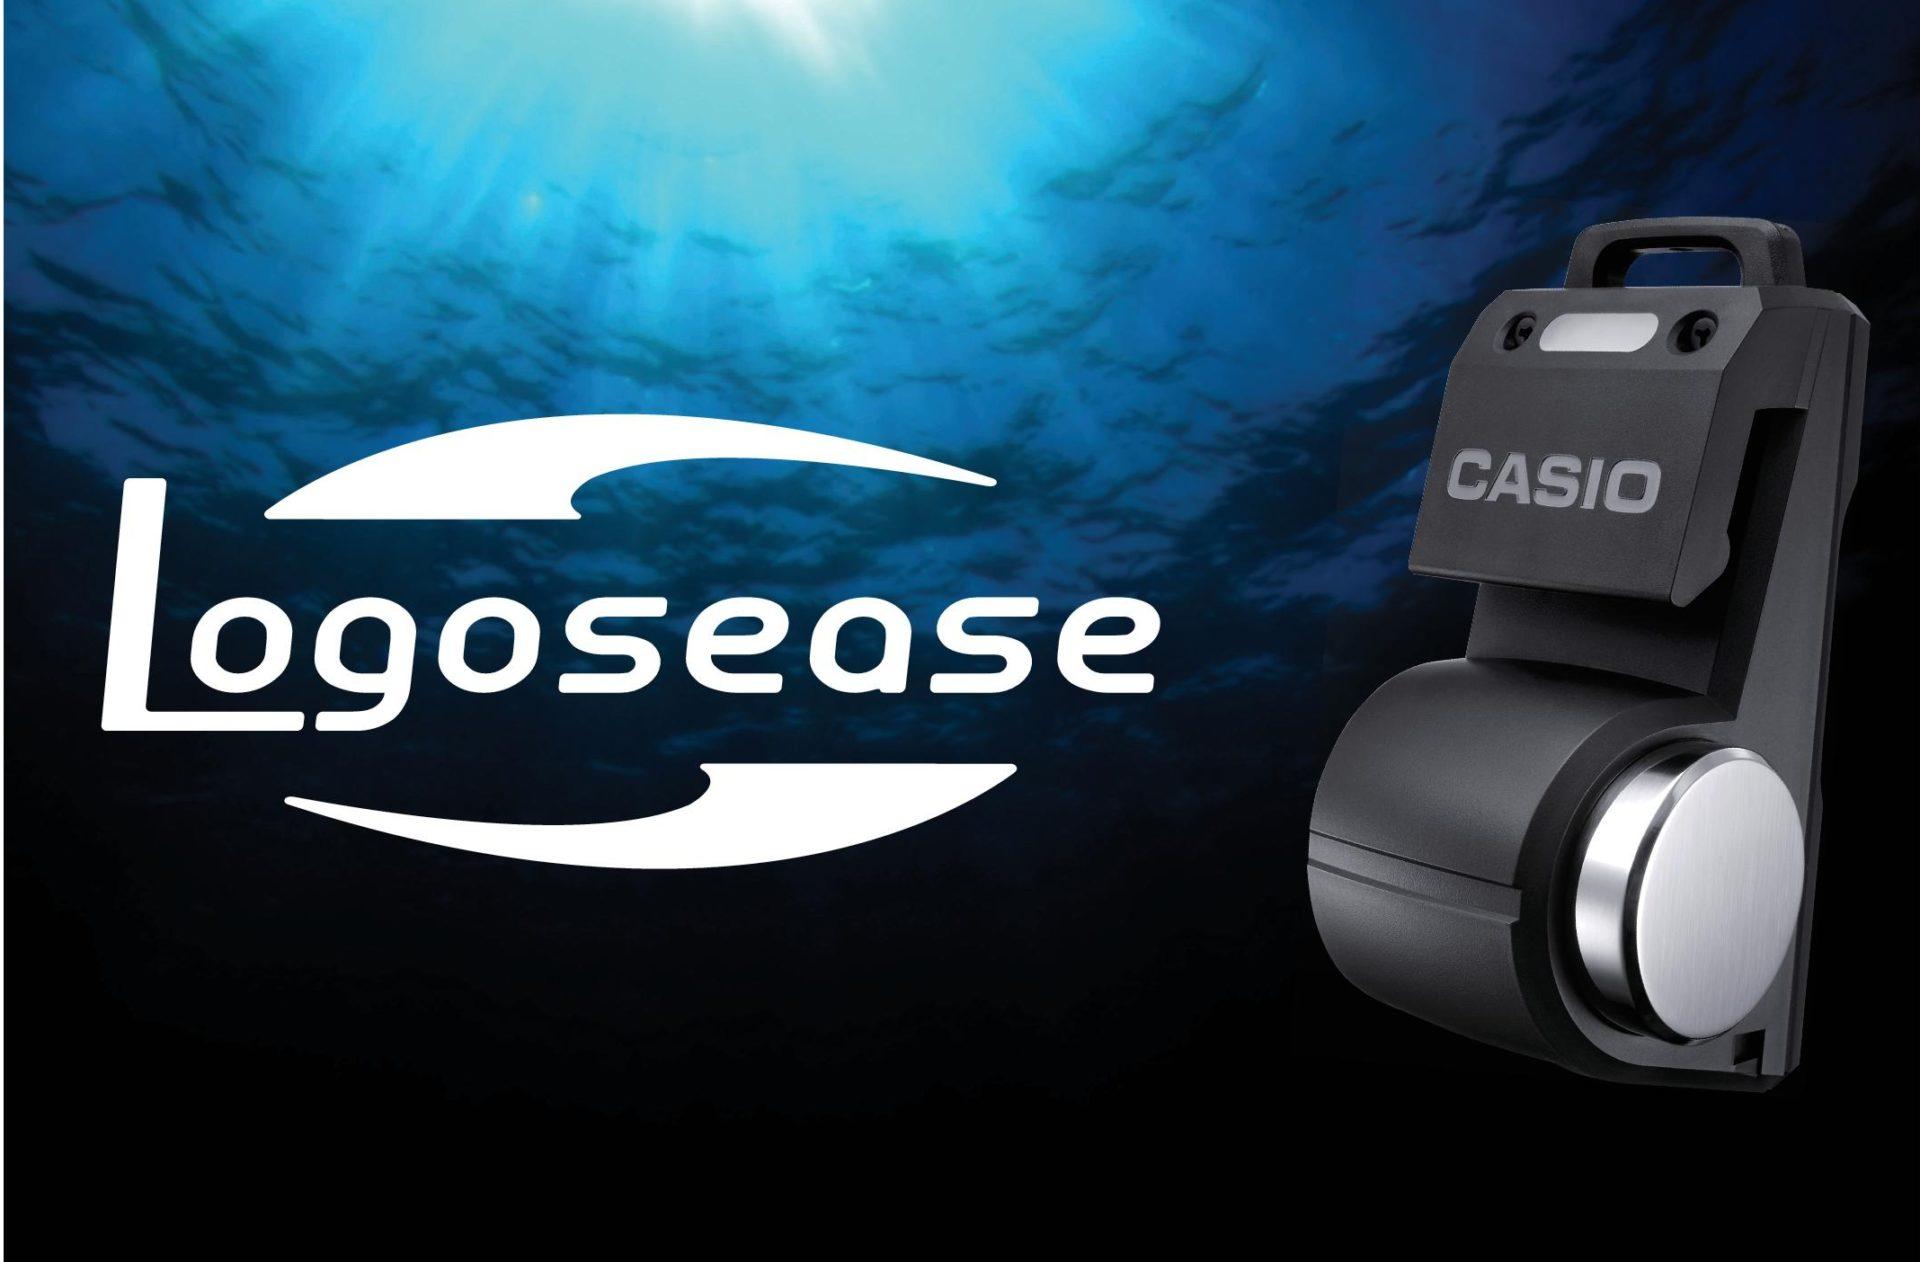 Logosease